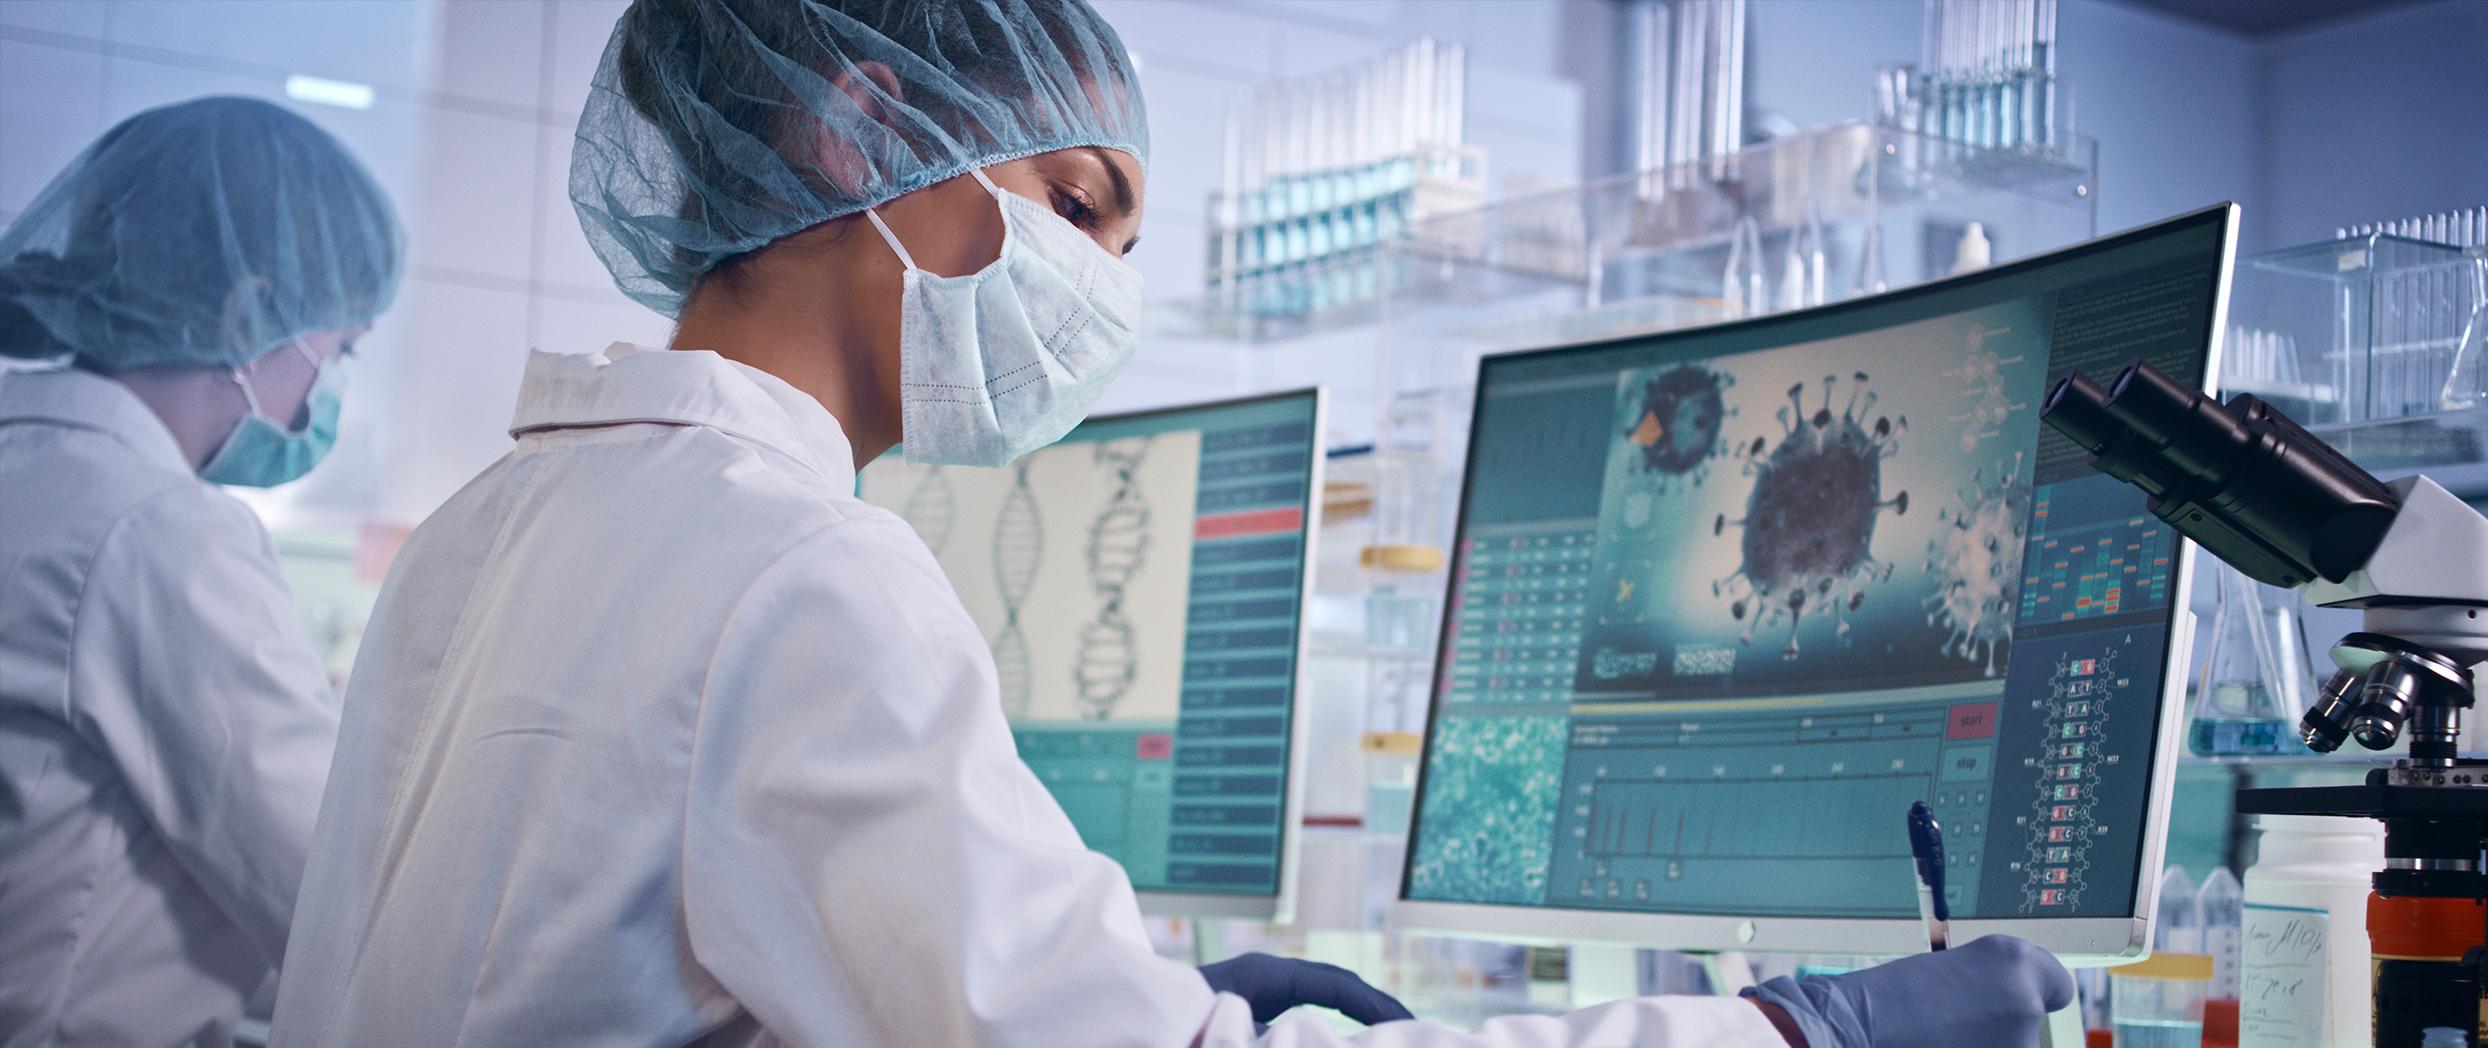 Ciberataque a los laboratorios de la Universidad de Oxford que investigan el COVID-19